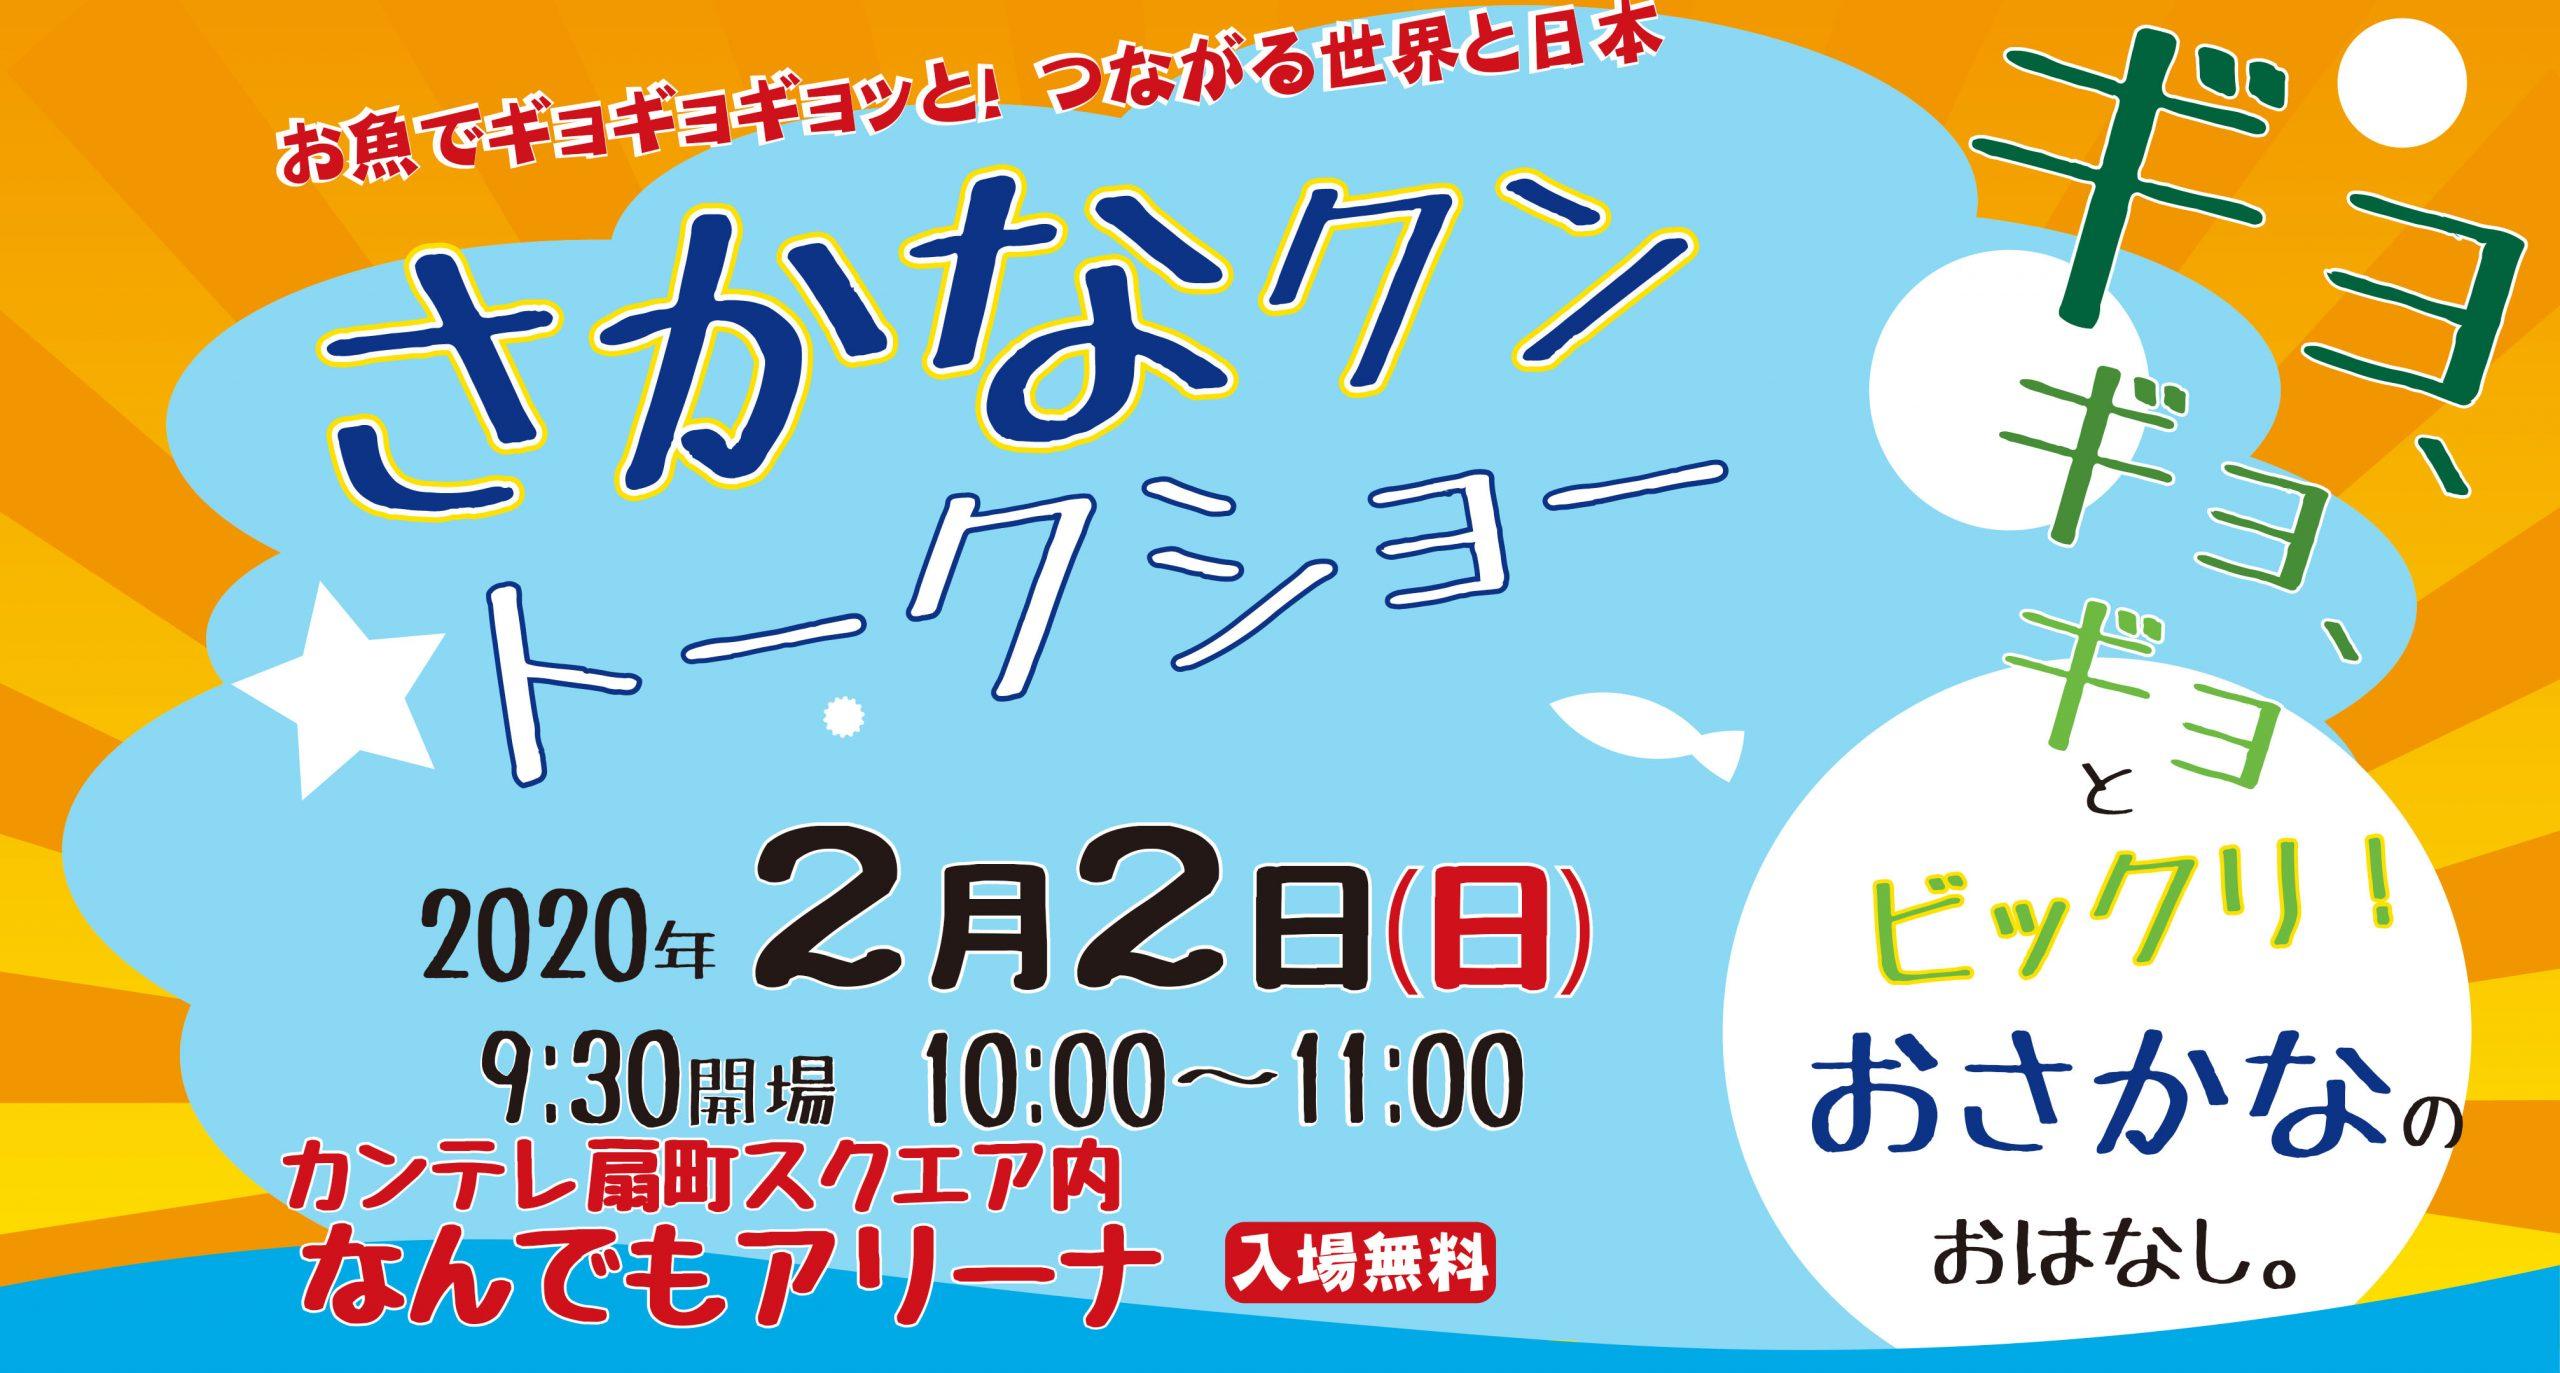 【ギョギョギョッと】さかなクンのトークショーが開催されます【つながる世界と日本】